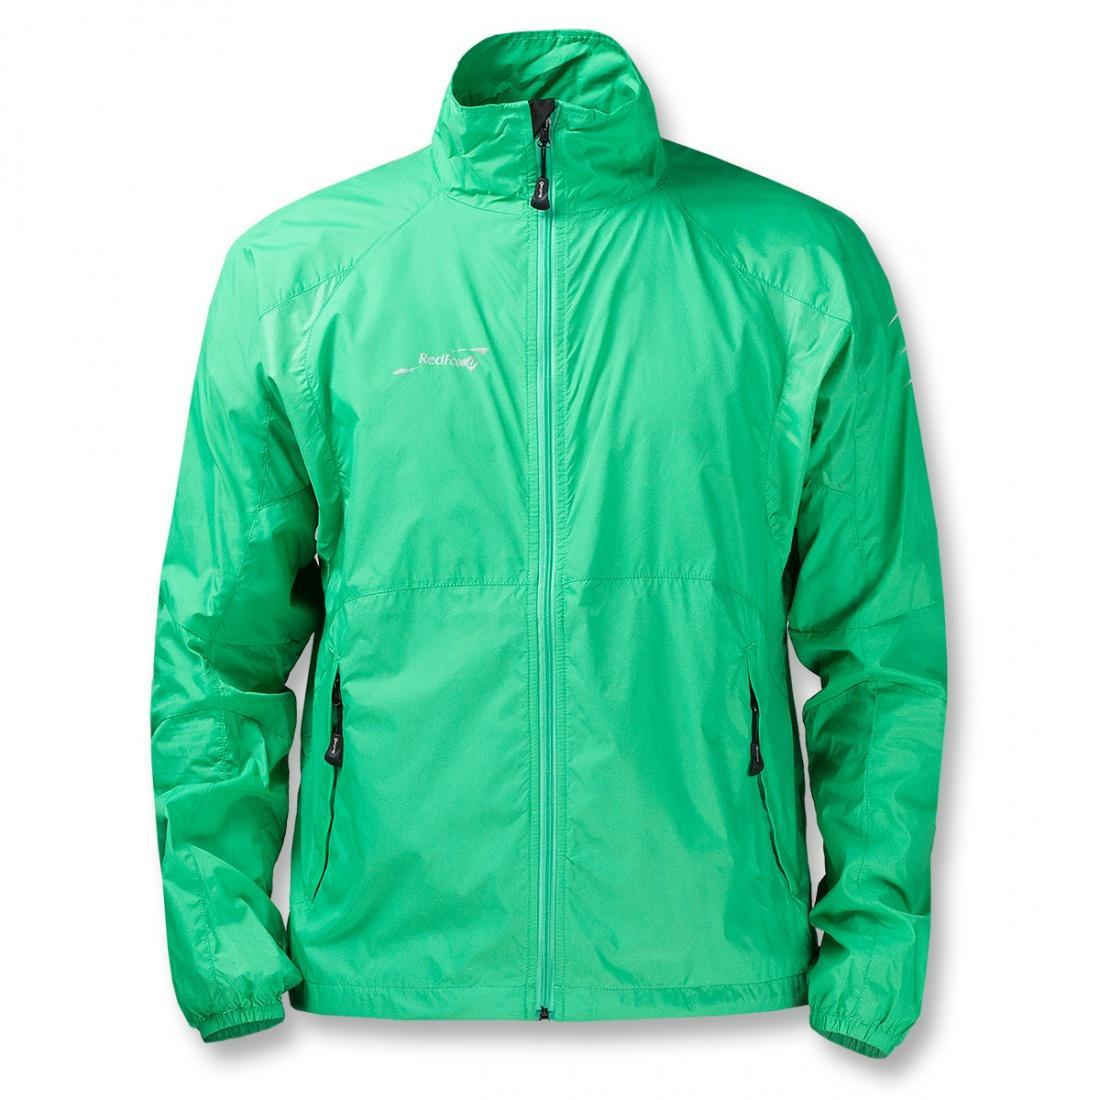 Куртка ветрозащитная Trek Light IIКуртки<br><br> Очень легкая куртка для мультиспортсменов. Отлично сочетает в себе функции защиты от ветра и максимальной свободы движений. Куртку можно компактно упаковать в карман, расположенный на спине.<br><br><br> Особенности:<br><br><br>Два бо...<br><br>Цвет: Зеленый<br>Размер: 56